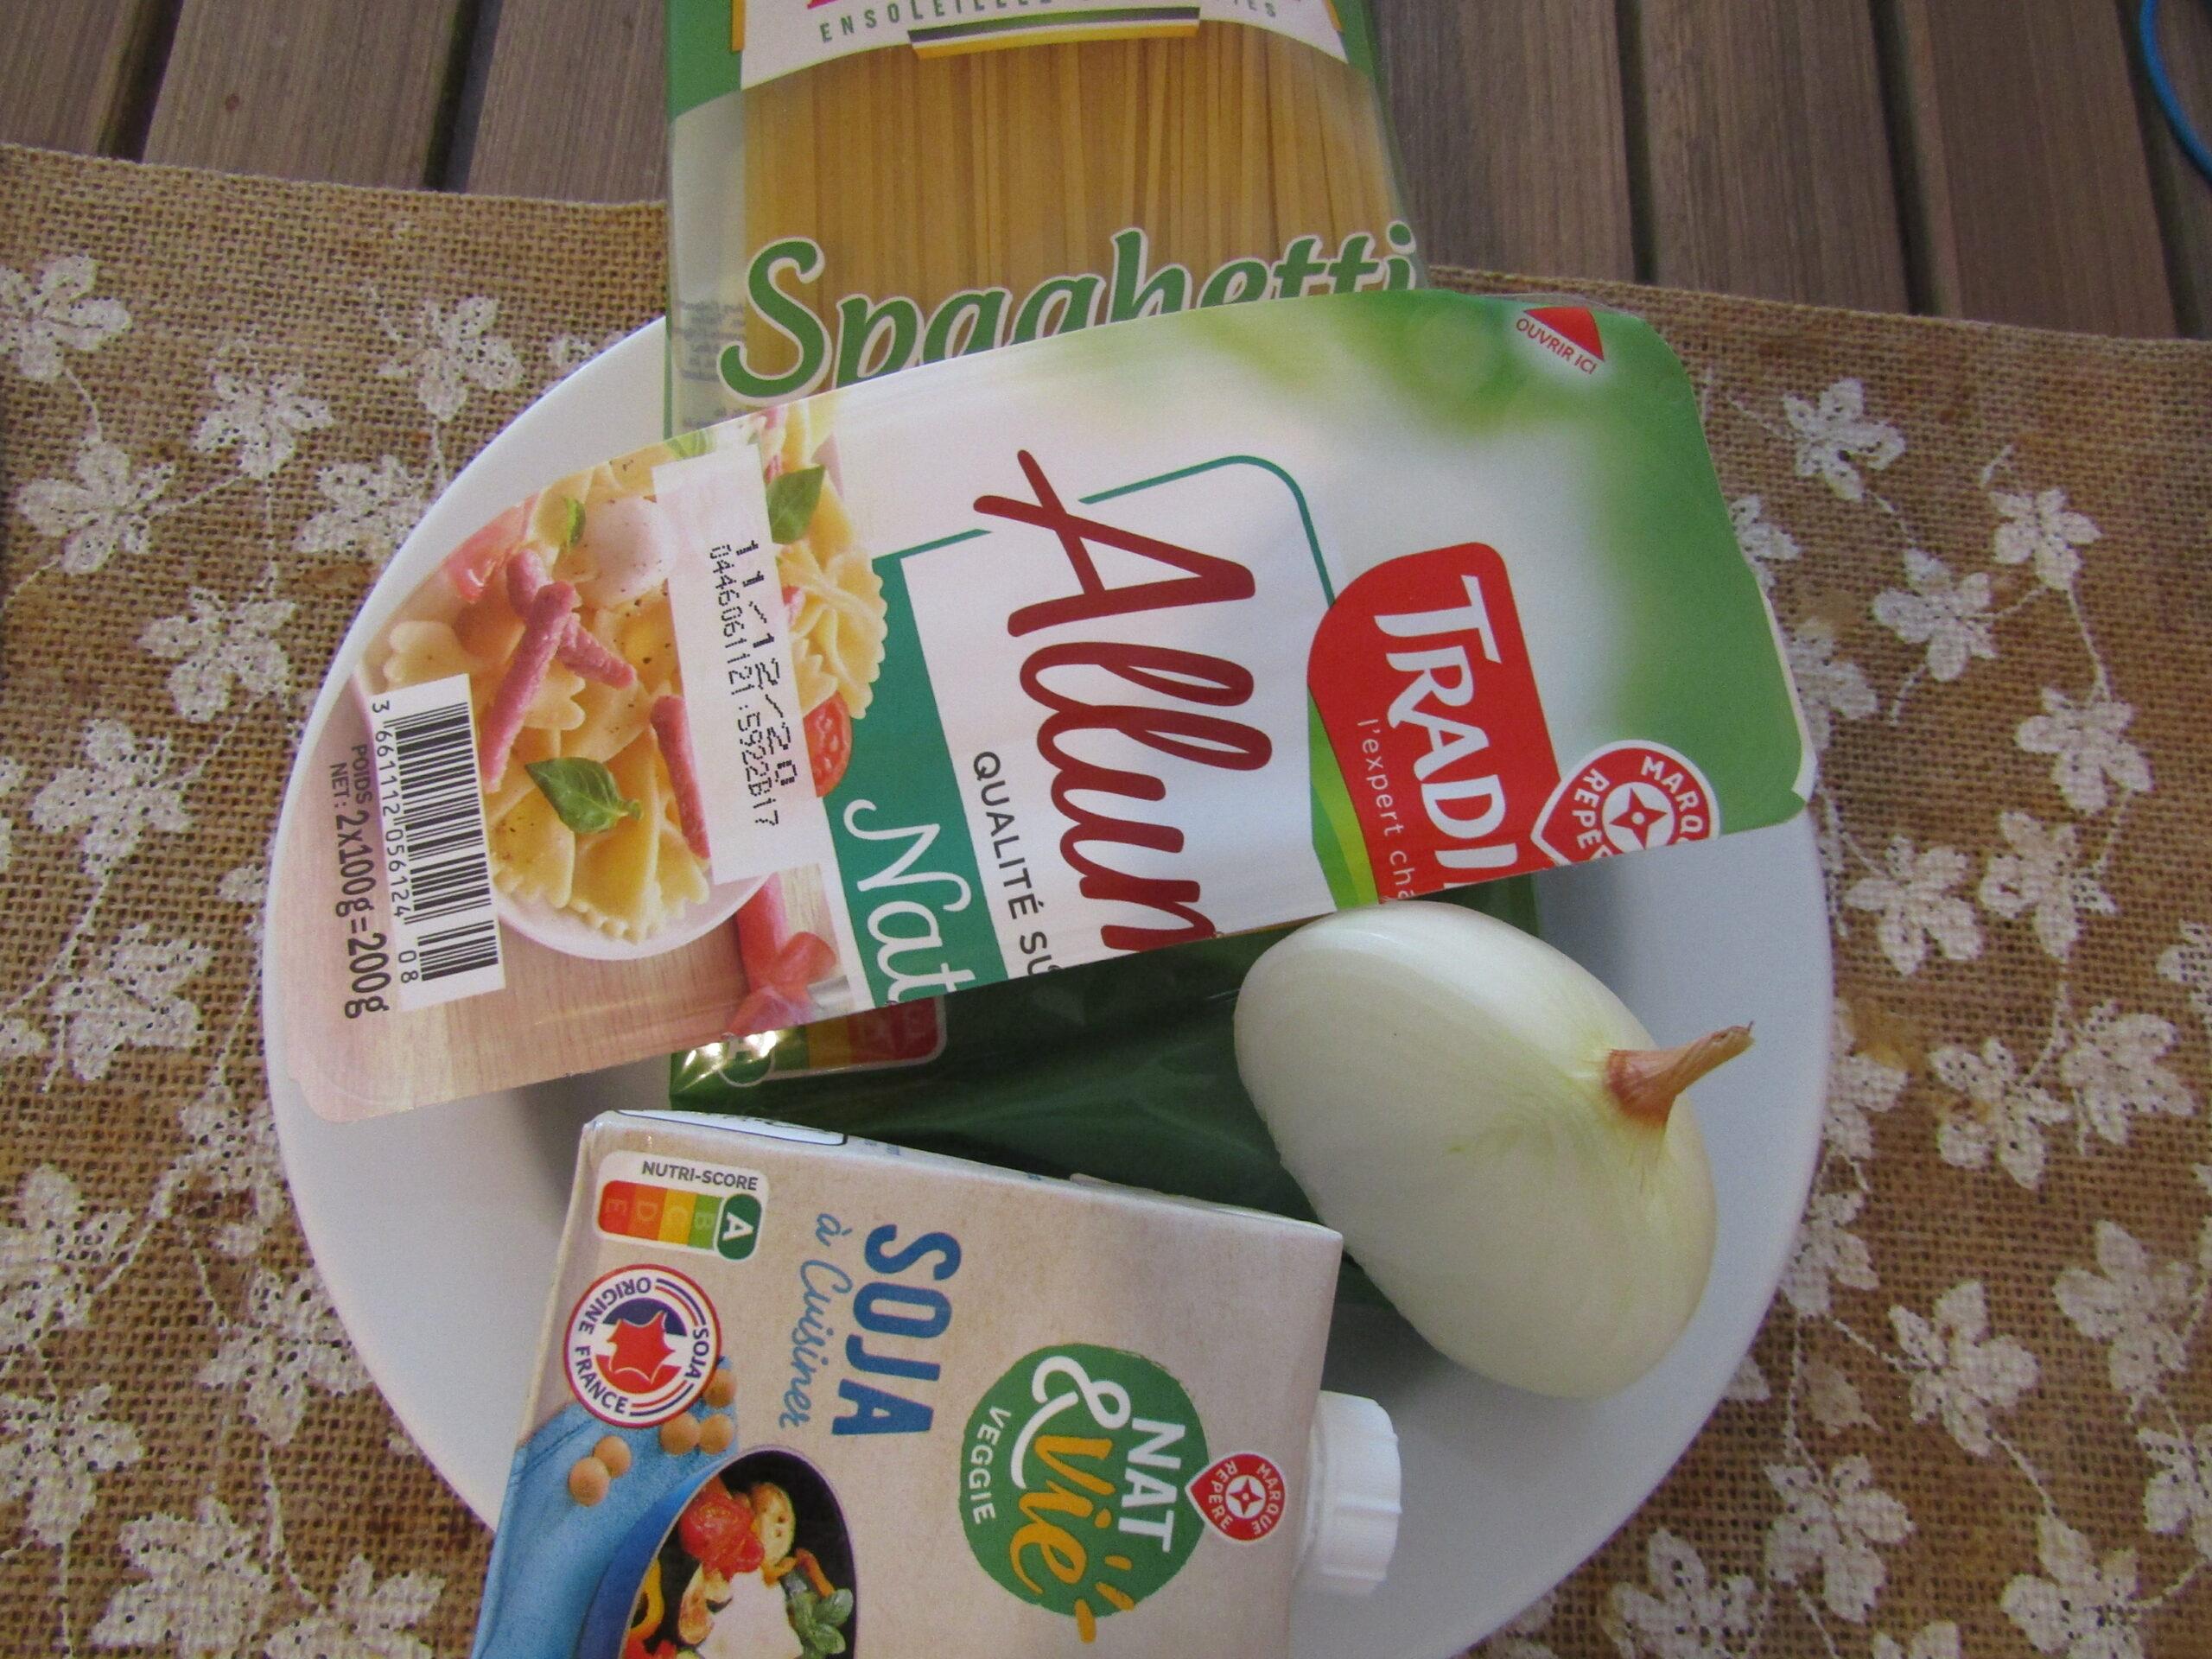 Plusieurs ingrédients dans une assiette : des lardons, un oignon, de la crème de soja et des pâtes (des spaghettis).